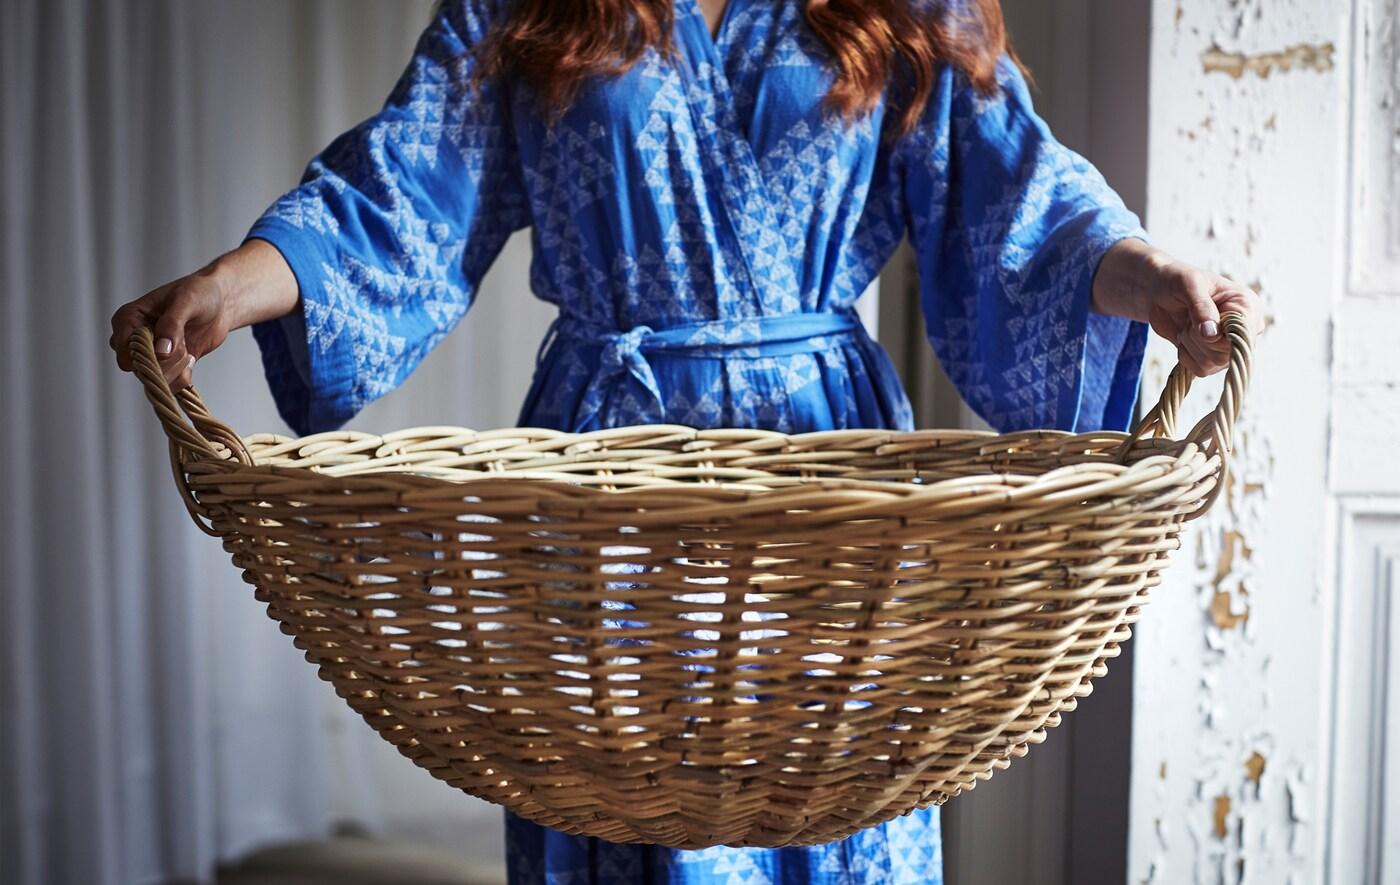 Egy ember kék mintás kimonóban, nagy rattan kosárral a kezében.